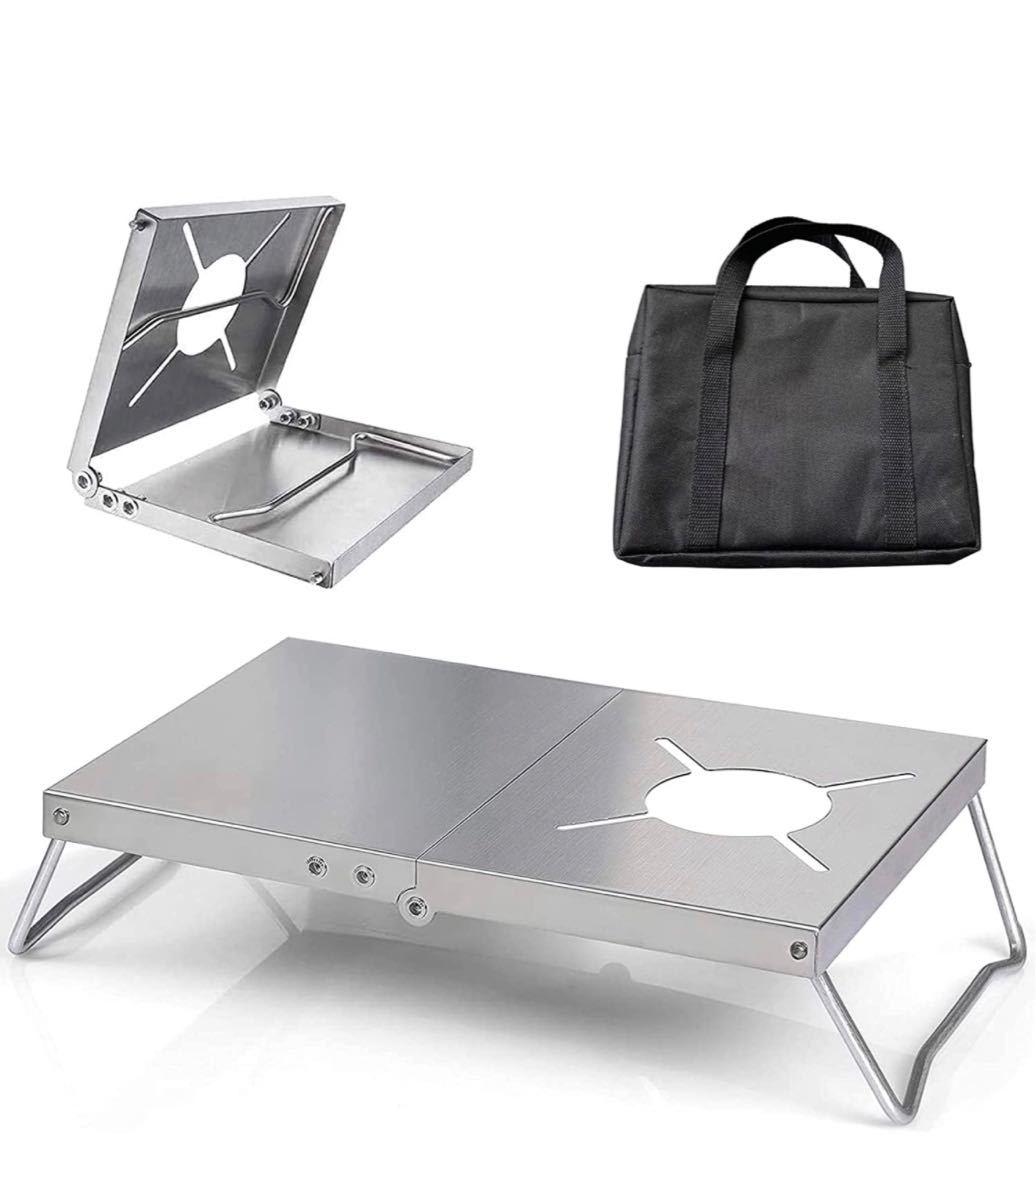 遮熱テーブル アウトドア テーブル ソト シングルバーナー st310 折り畳み アルミ合金 軽量 コンパクト